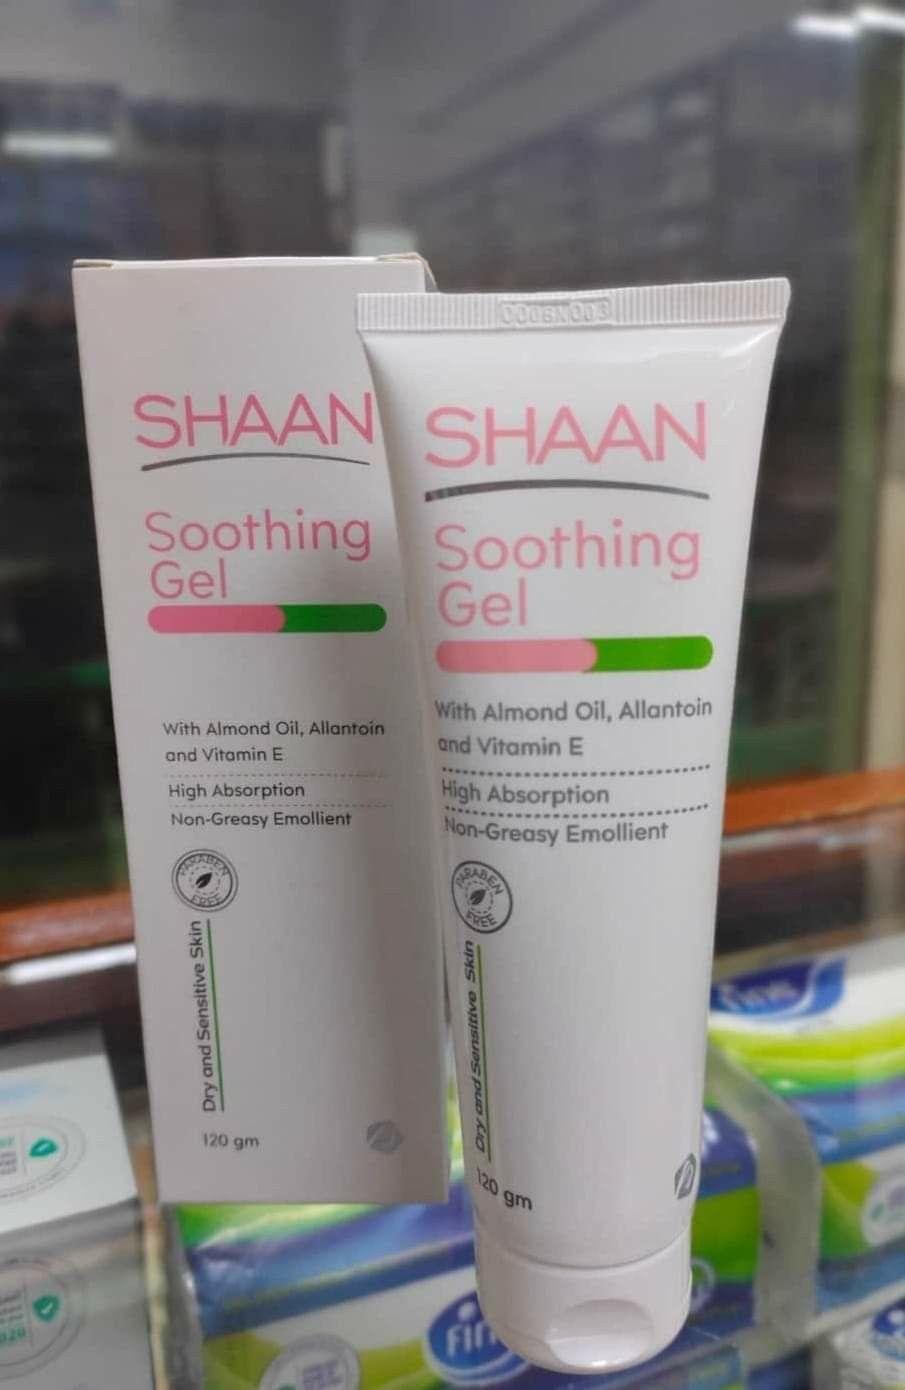 Shaan Soothing Gel Gel Emollient Almond Oil